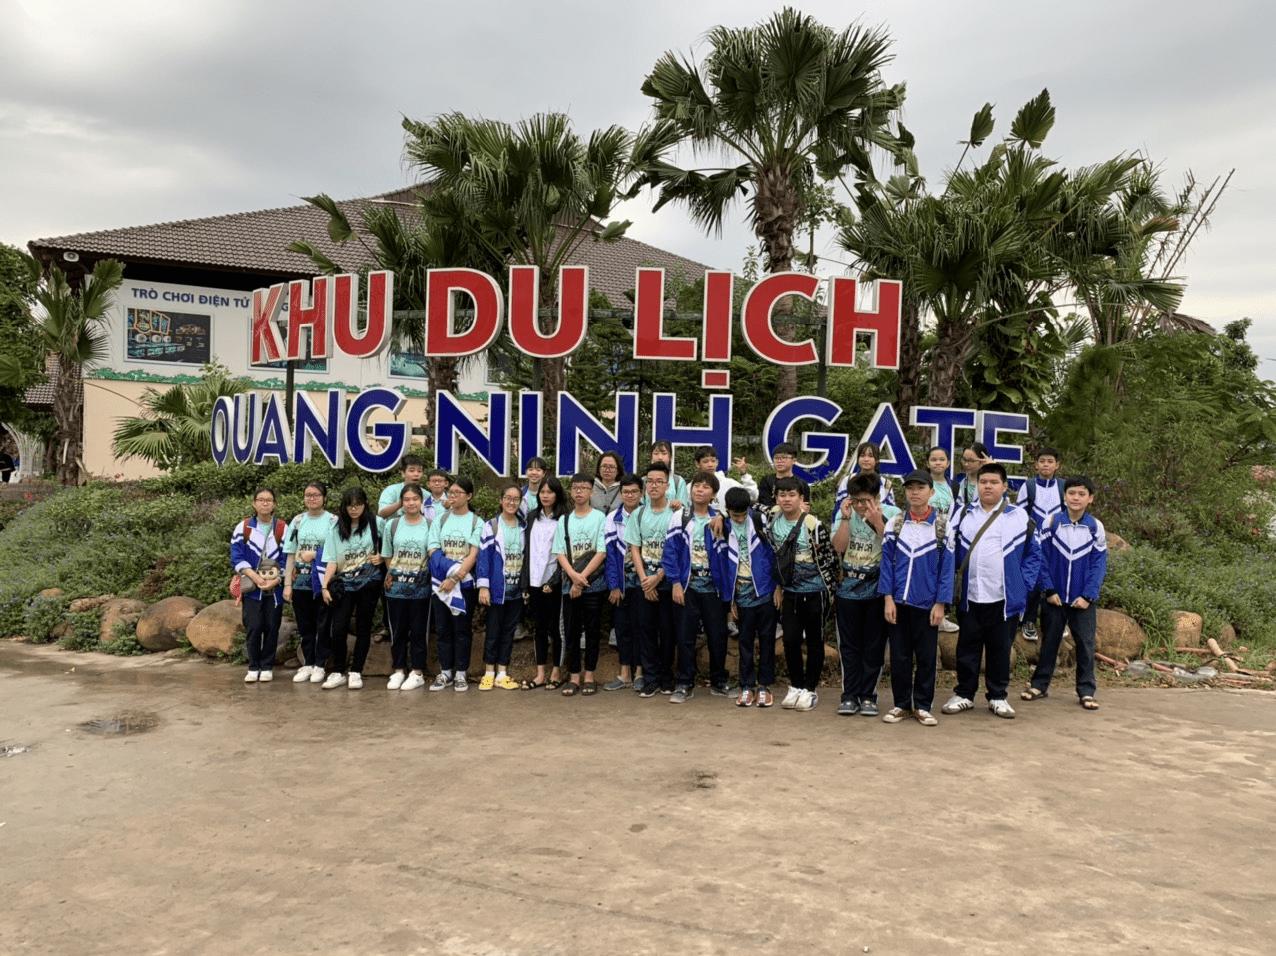 Các em còn được trải nghiệm khu du lịch Quảng Ninh Gate